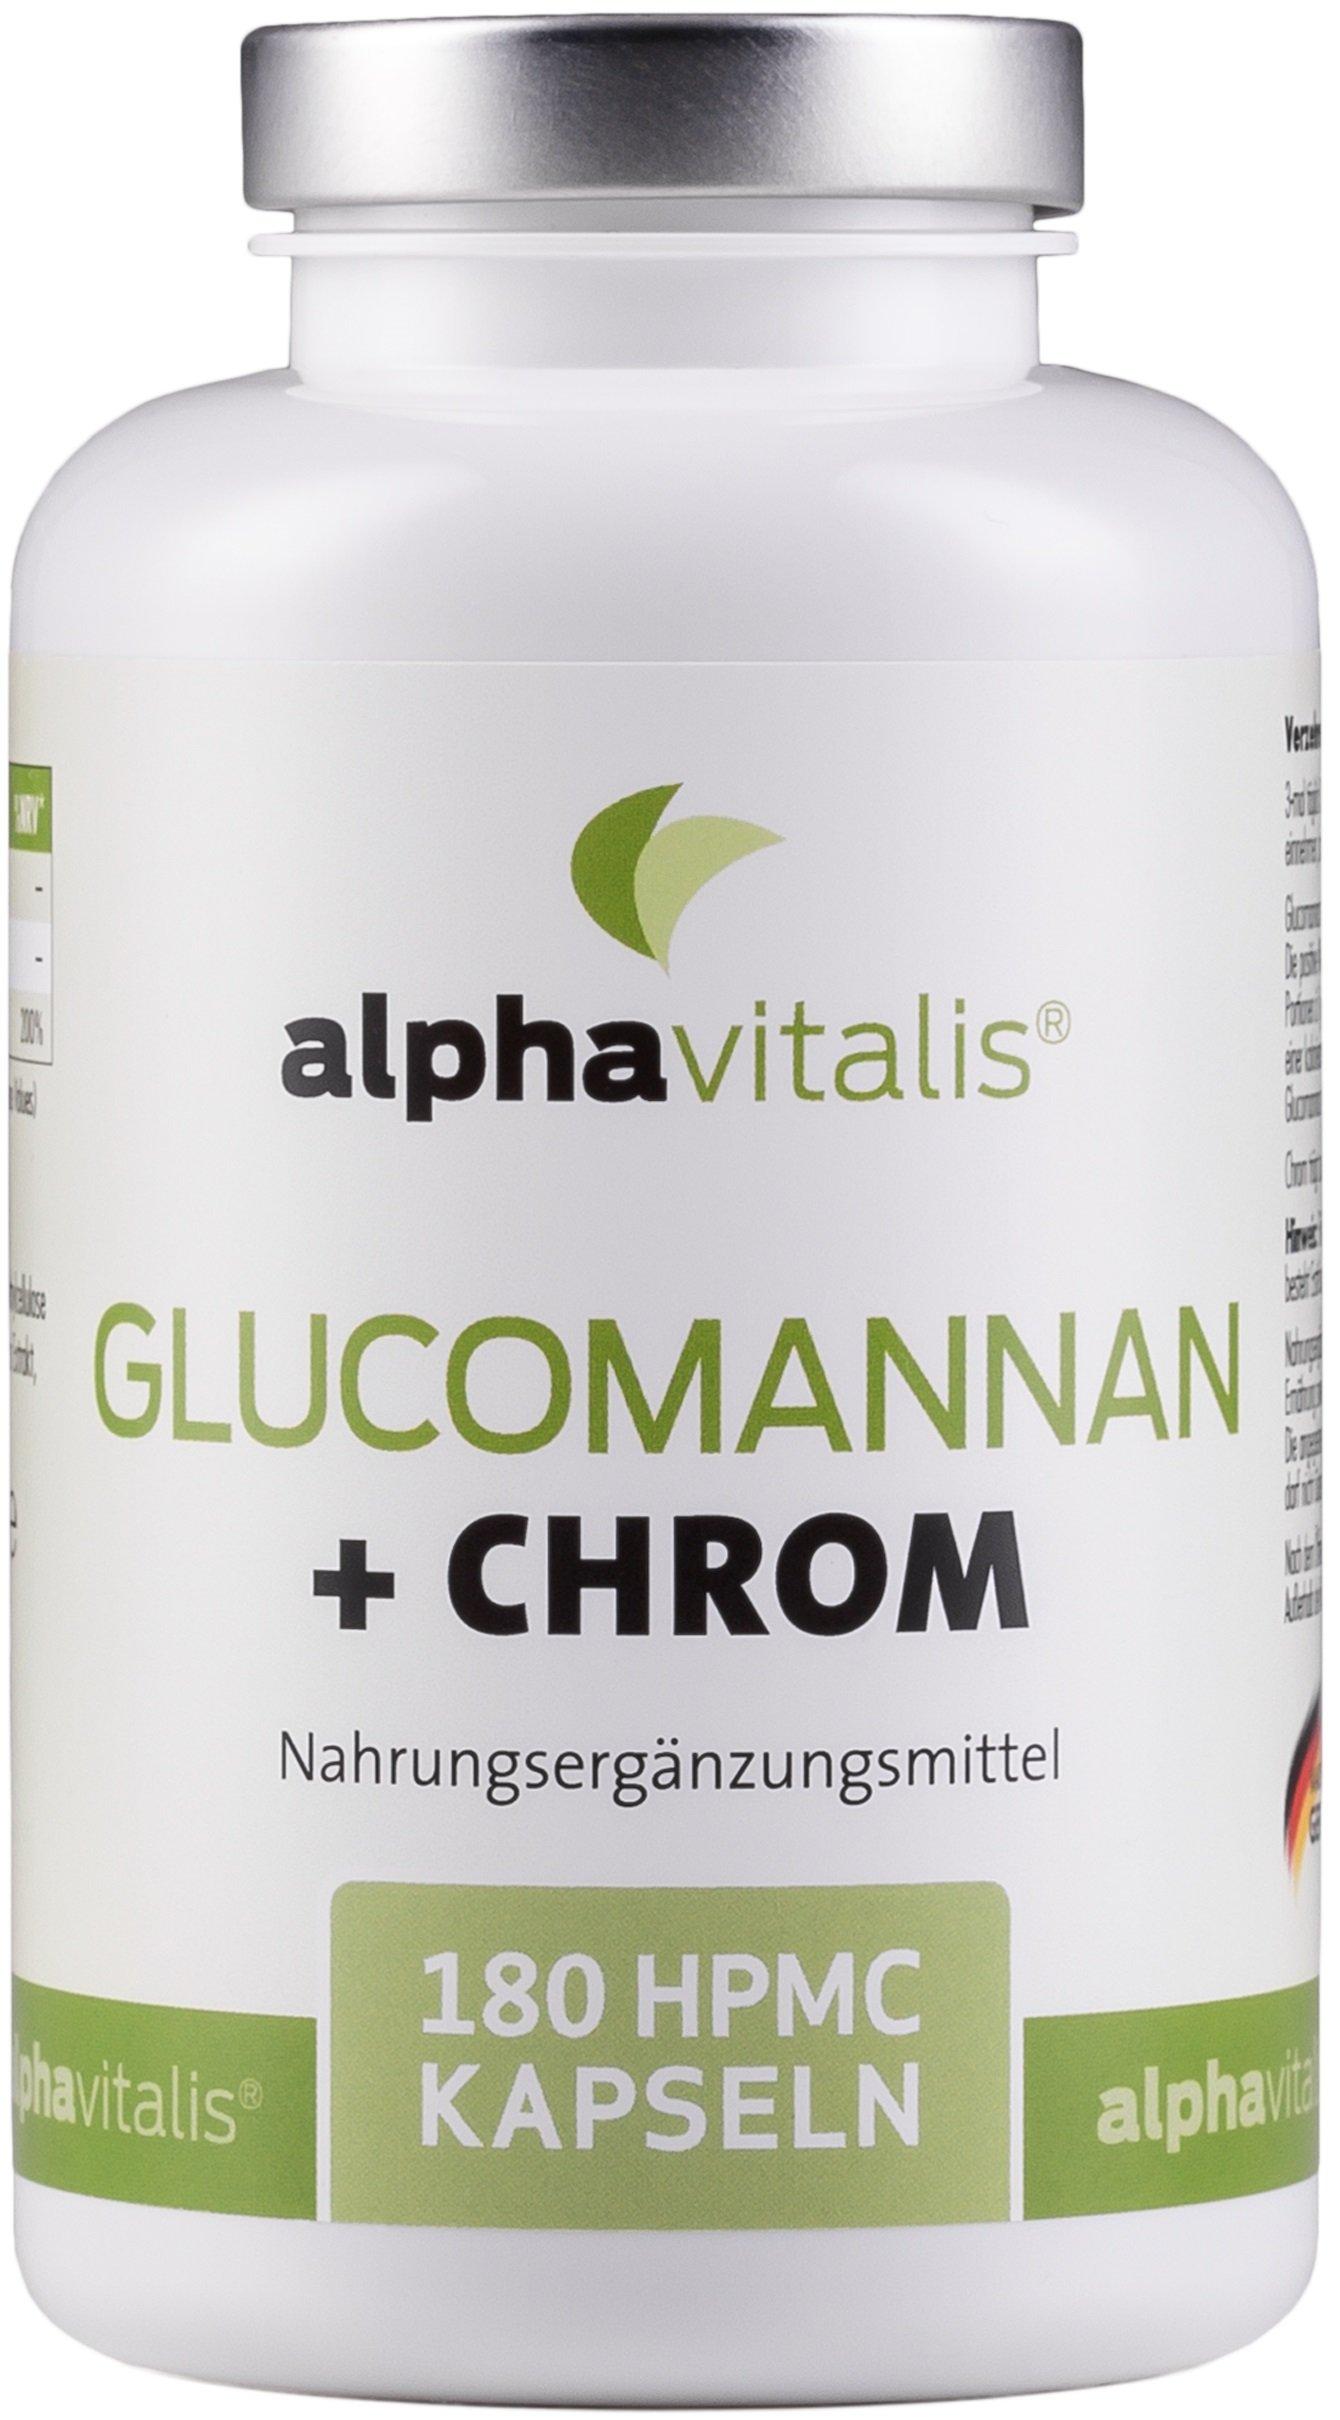 Glucomannan abnehmen ohne